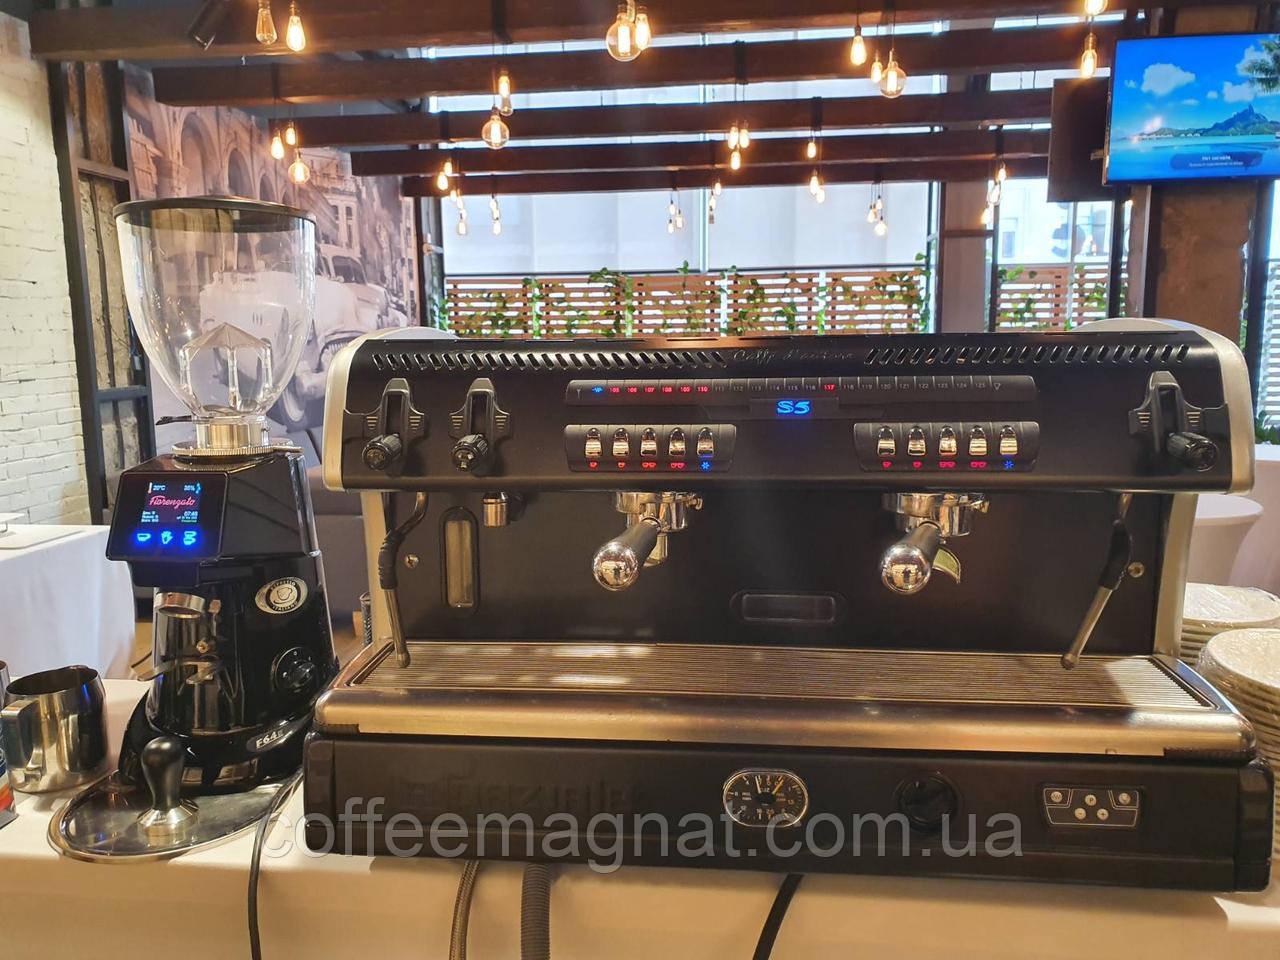 Аренда профессиональных кофемашин